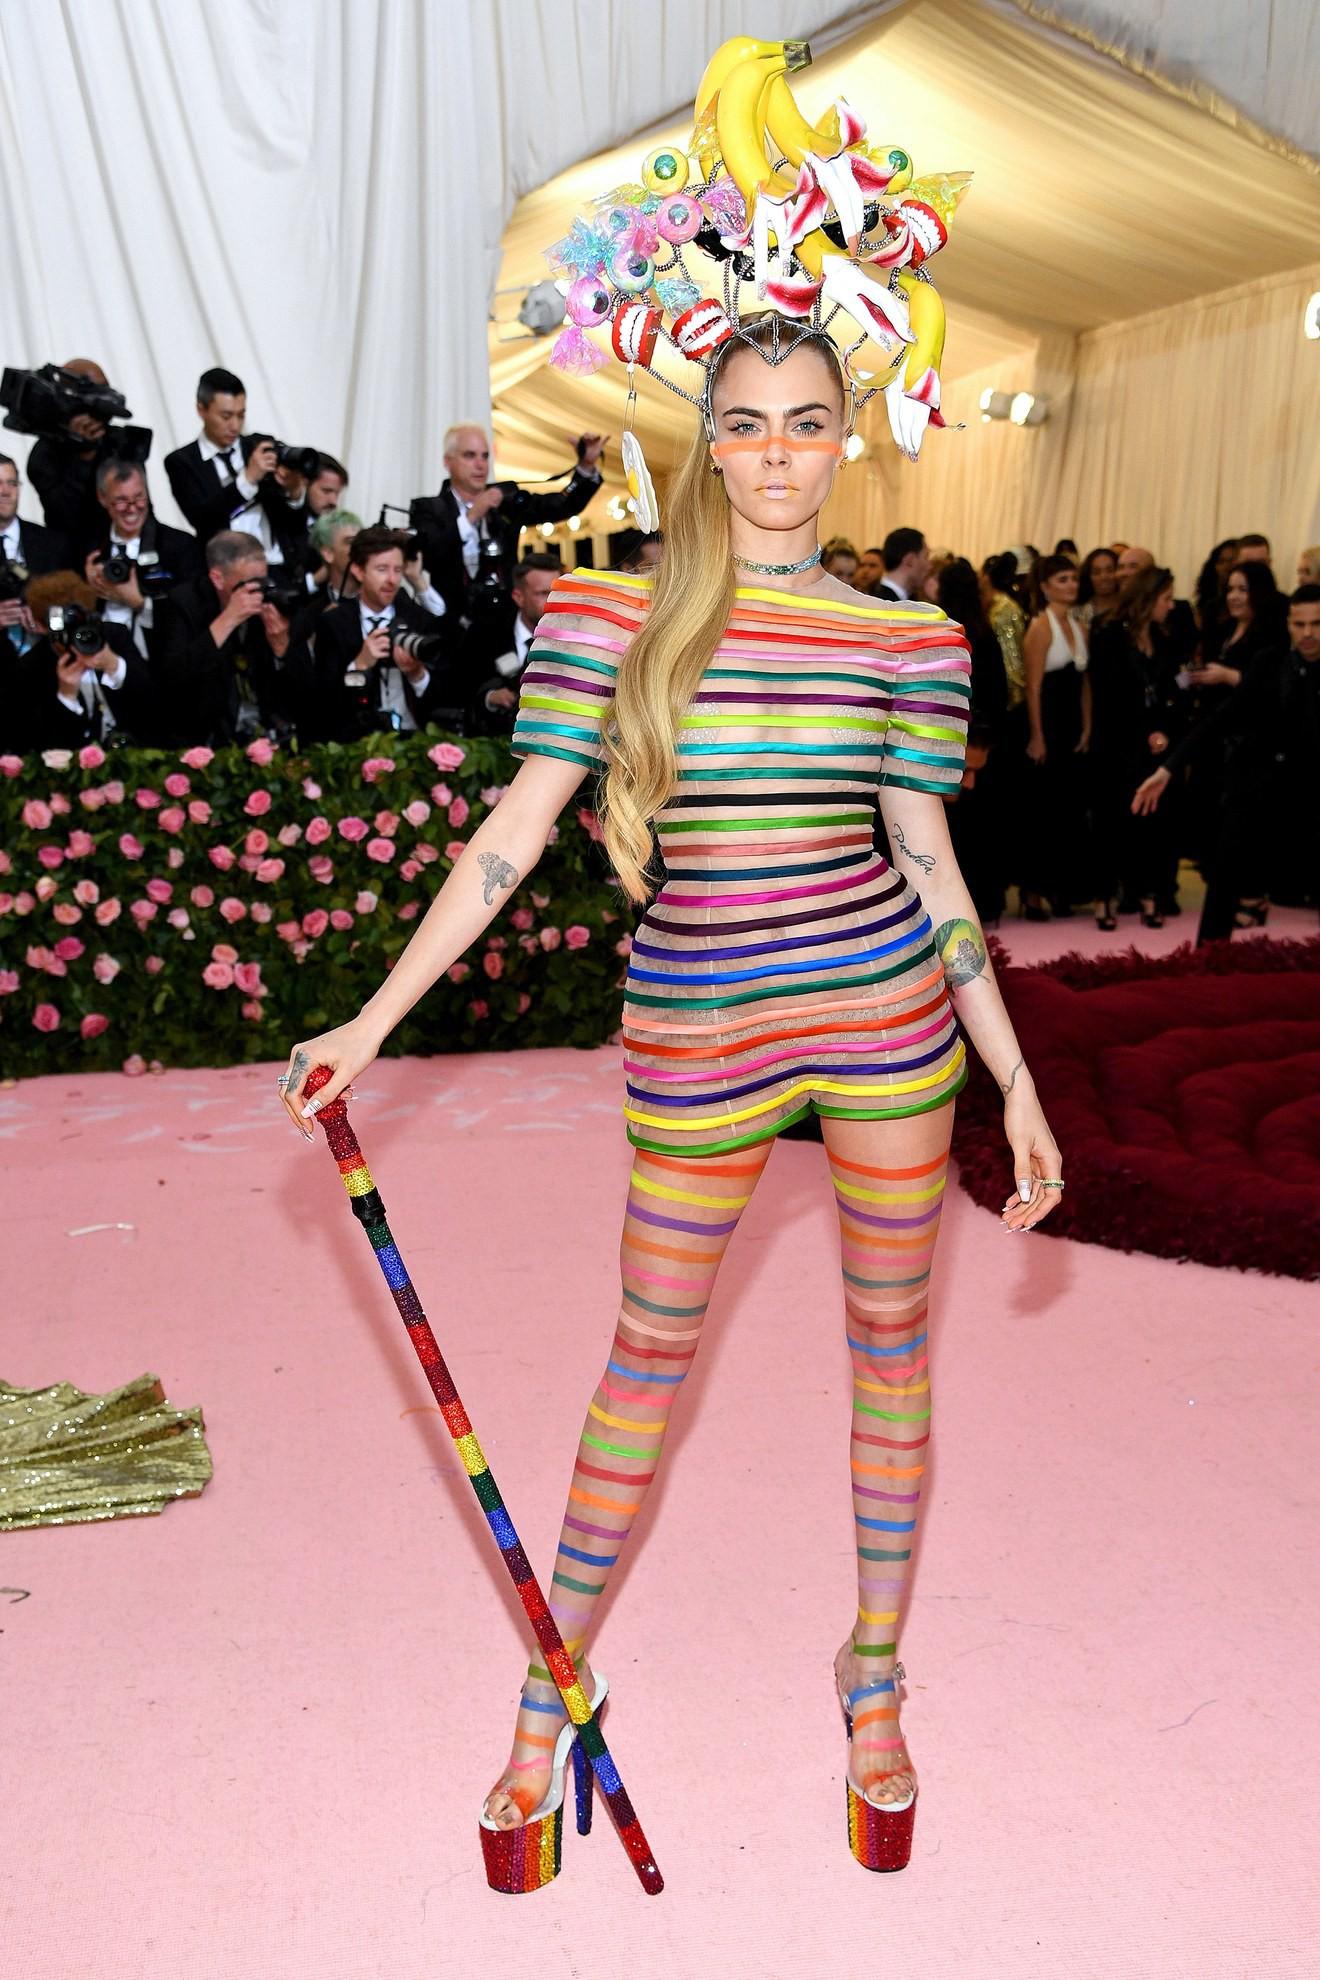 Met Gala 2019: Khó ai chơi lớn bằng Lady Gaga, Katy Perry chuyển từ đèn chùm thành burger nhưng chặt chém không kém là nam nhân dát vàng nằm kiệu - Ảnh 18.